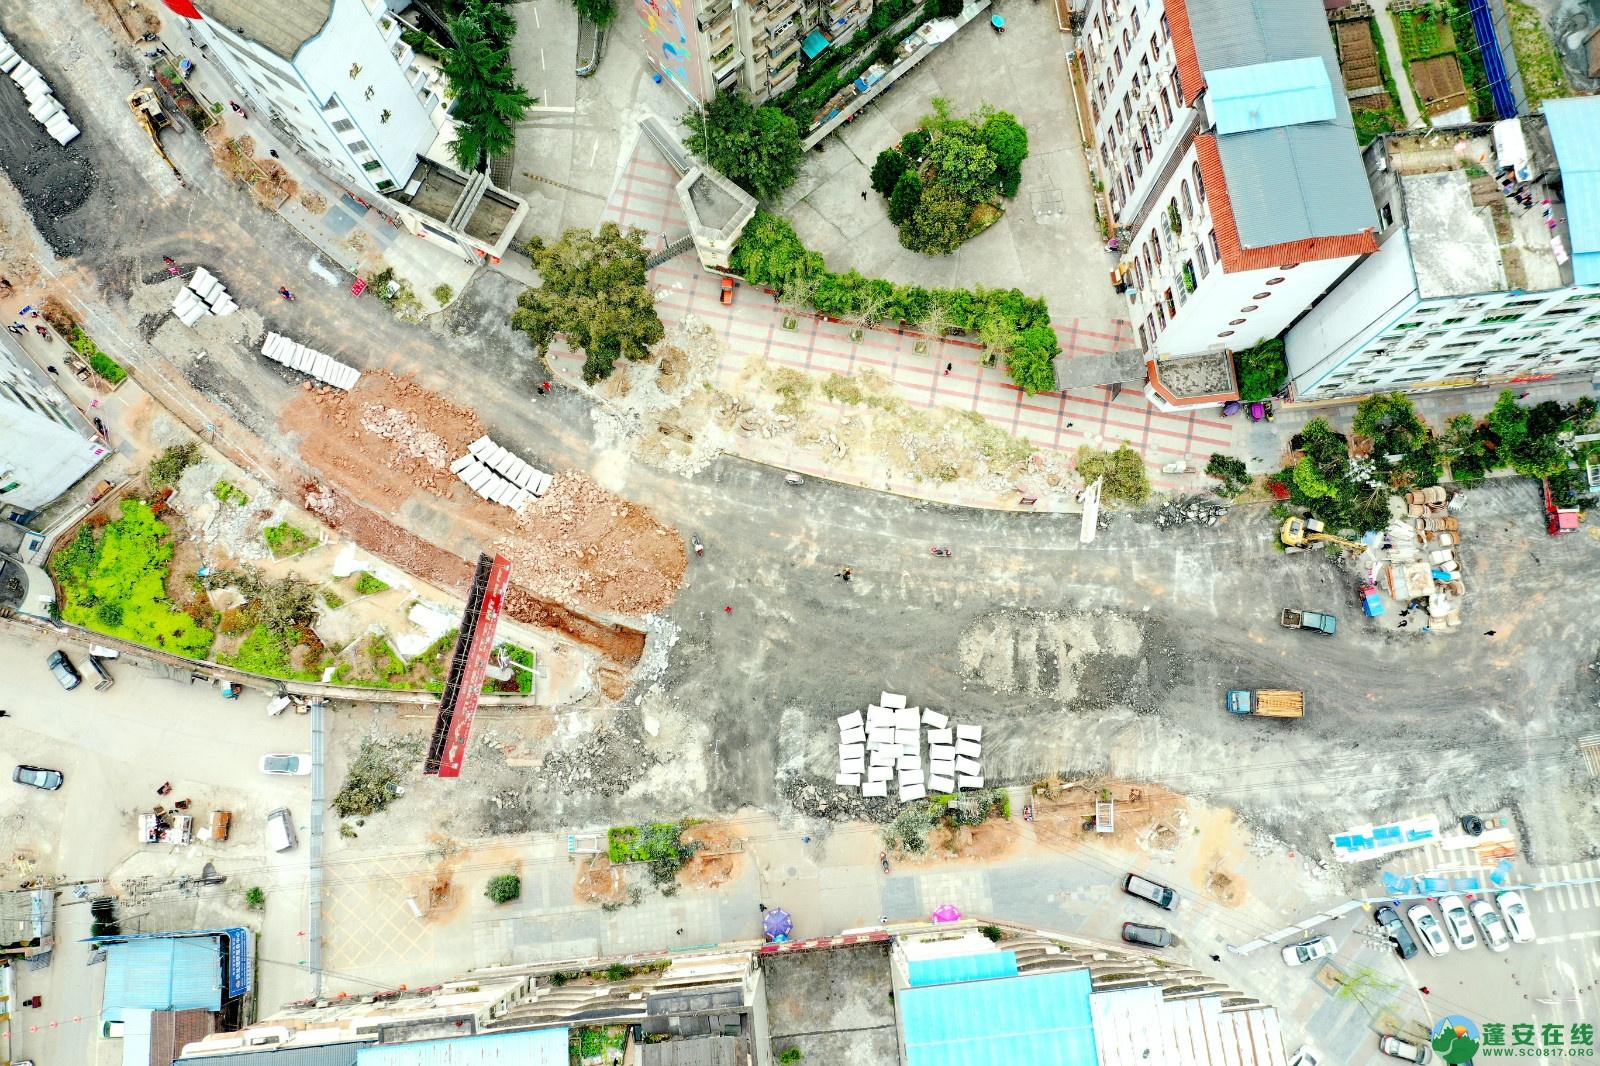 蓬安建设南路老旧街道小区美化改造(2020.3.22) - 第6张  | 蓬安在线